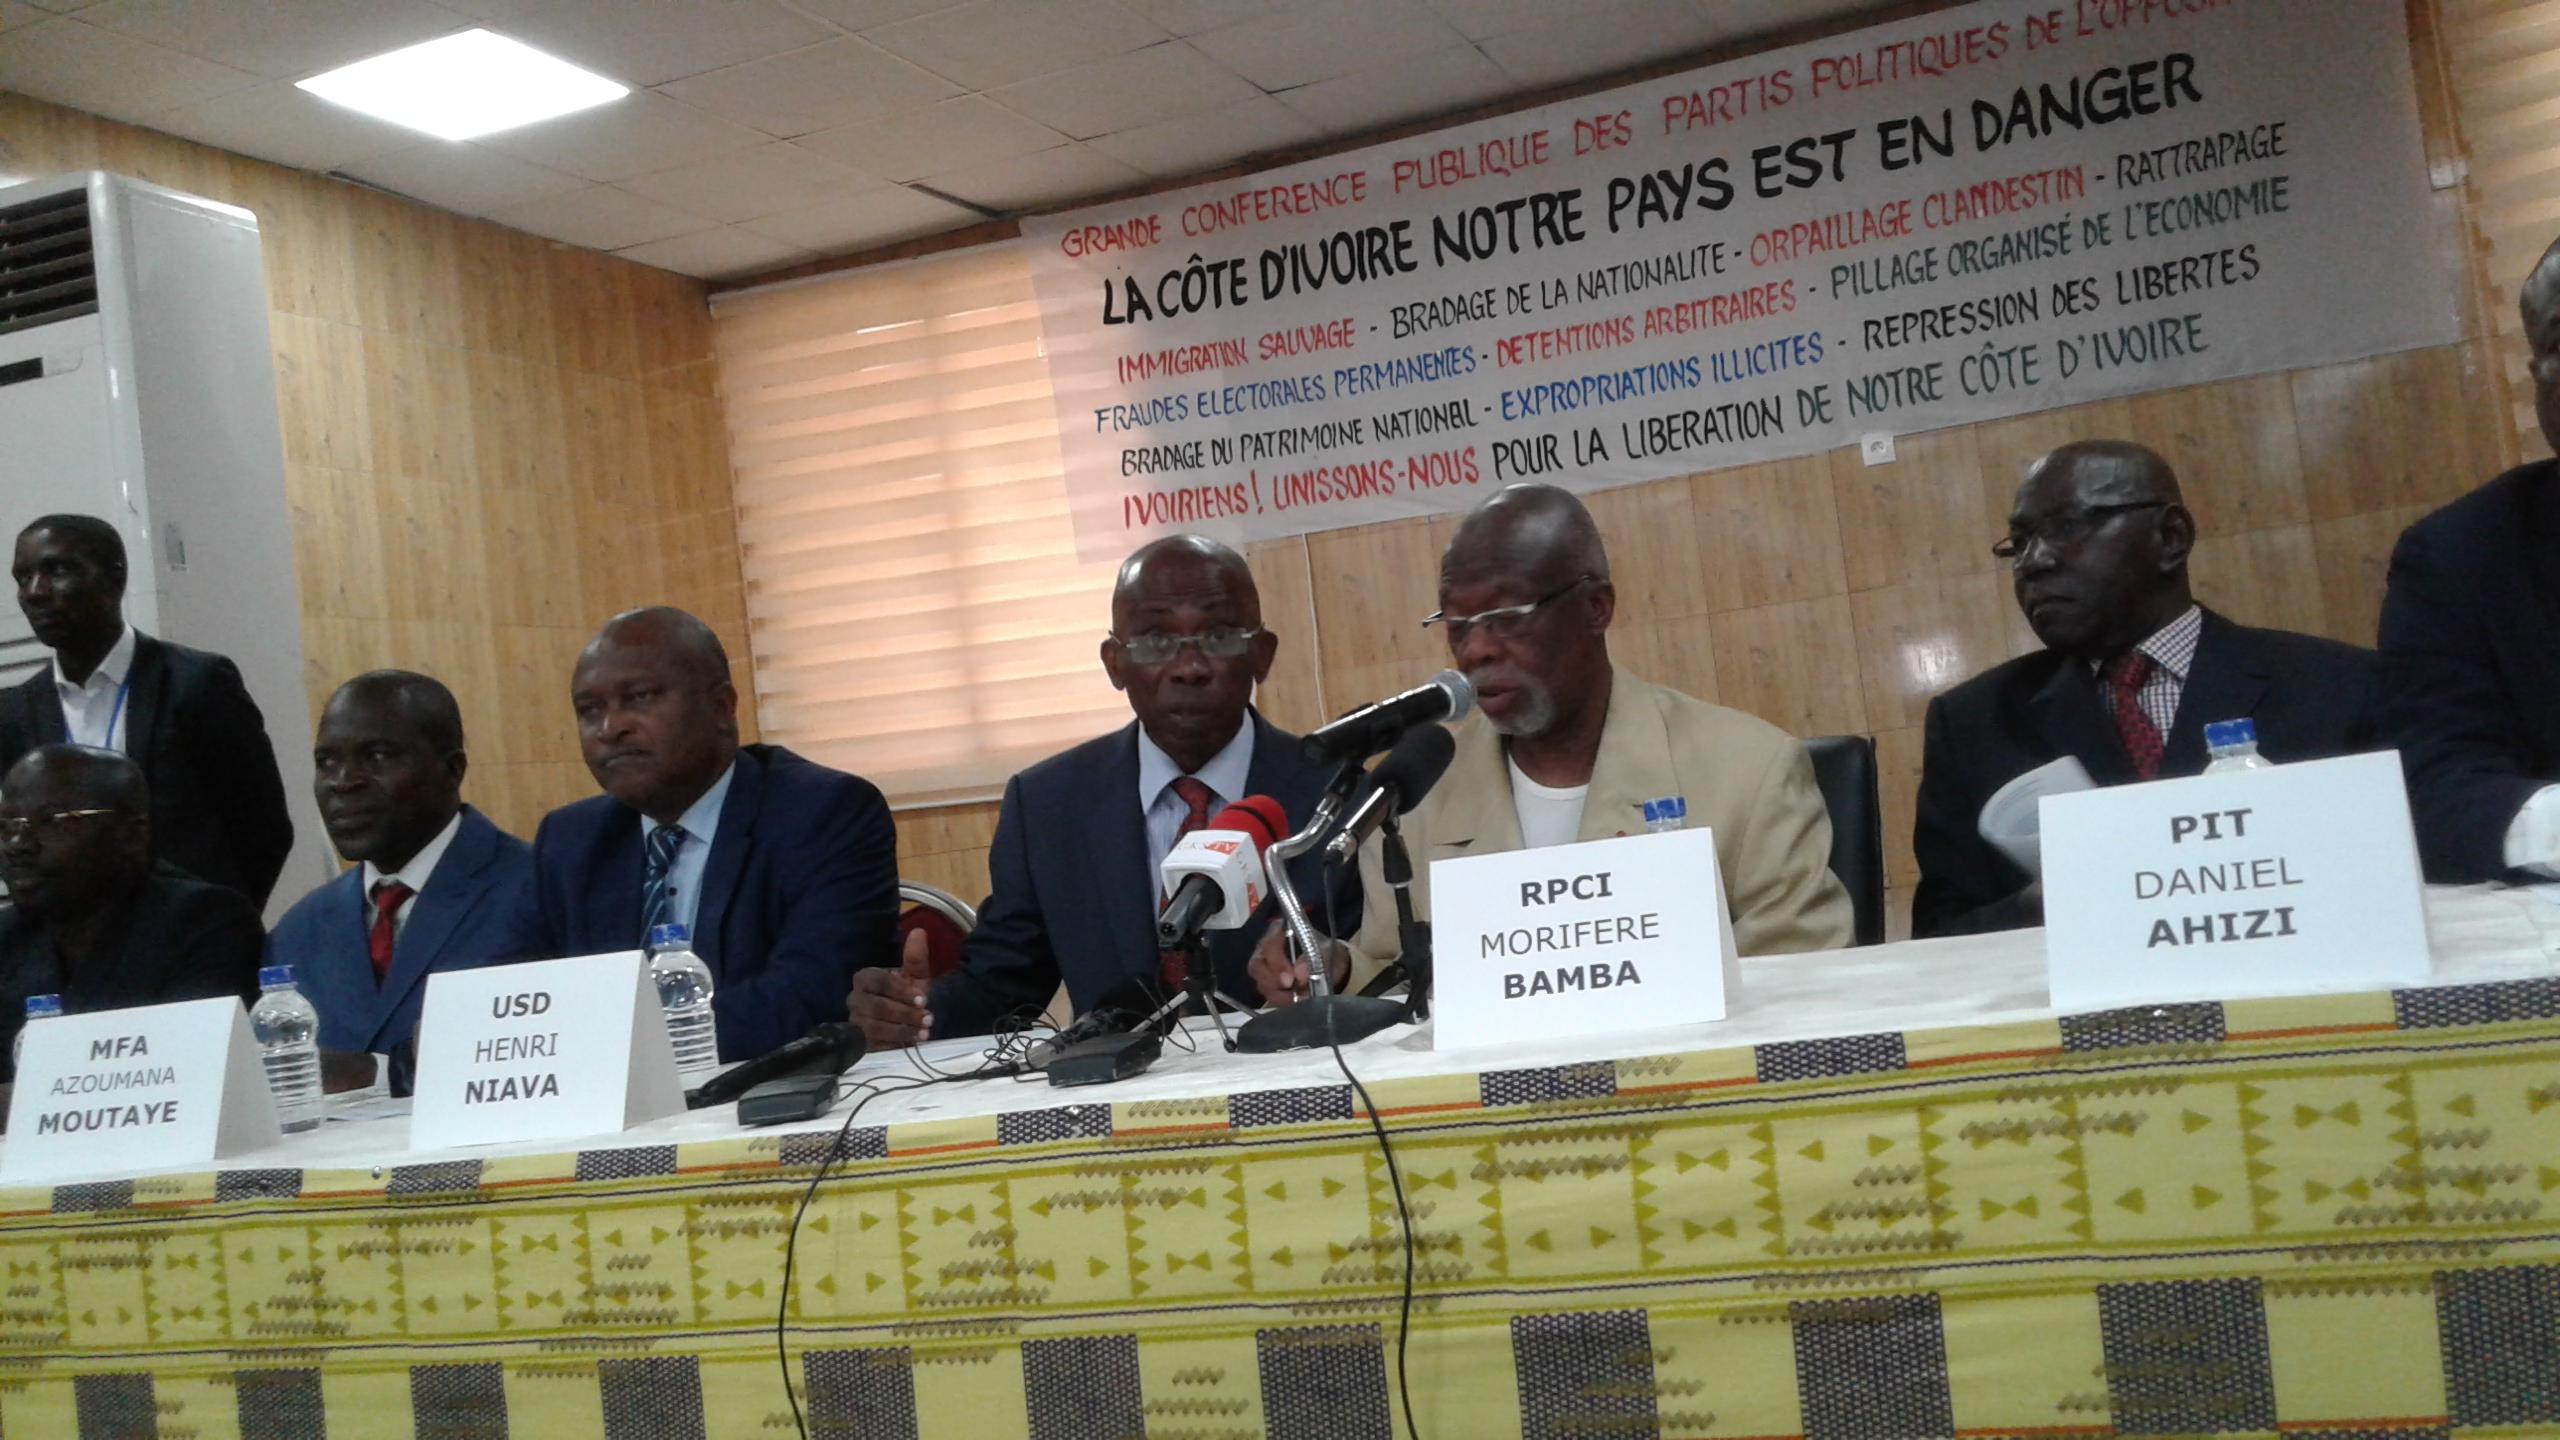 propos xénophobie de Bédié,parti politique de l'opposition,Bamba Moriféré